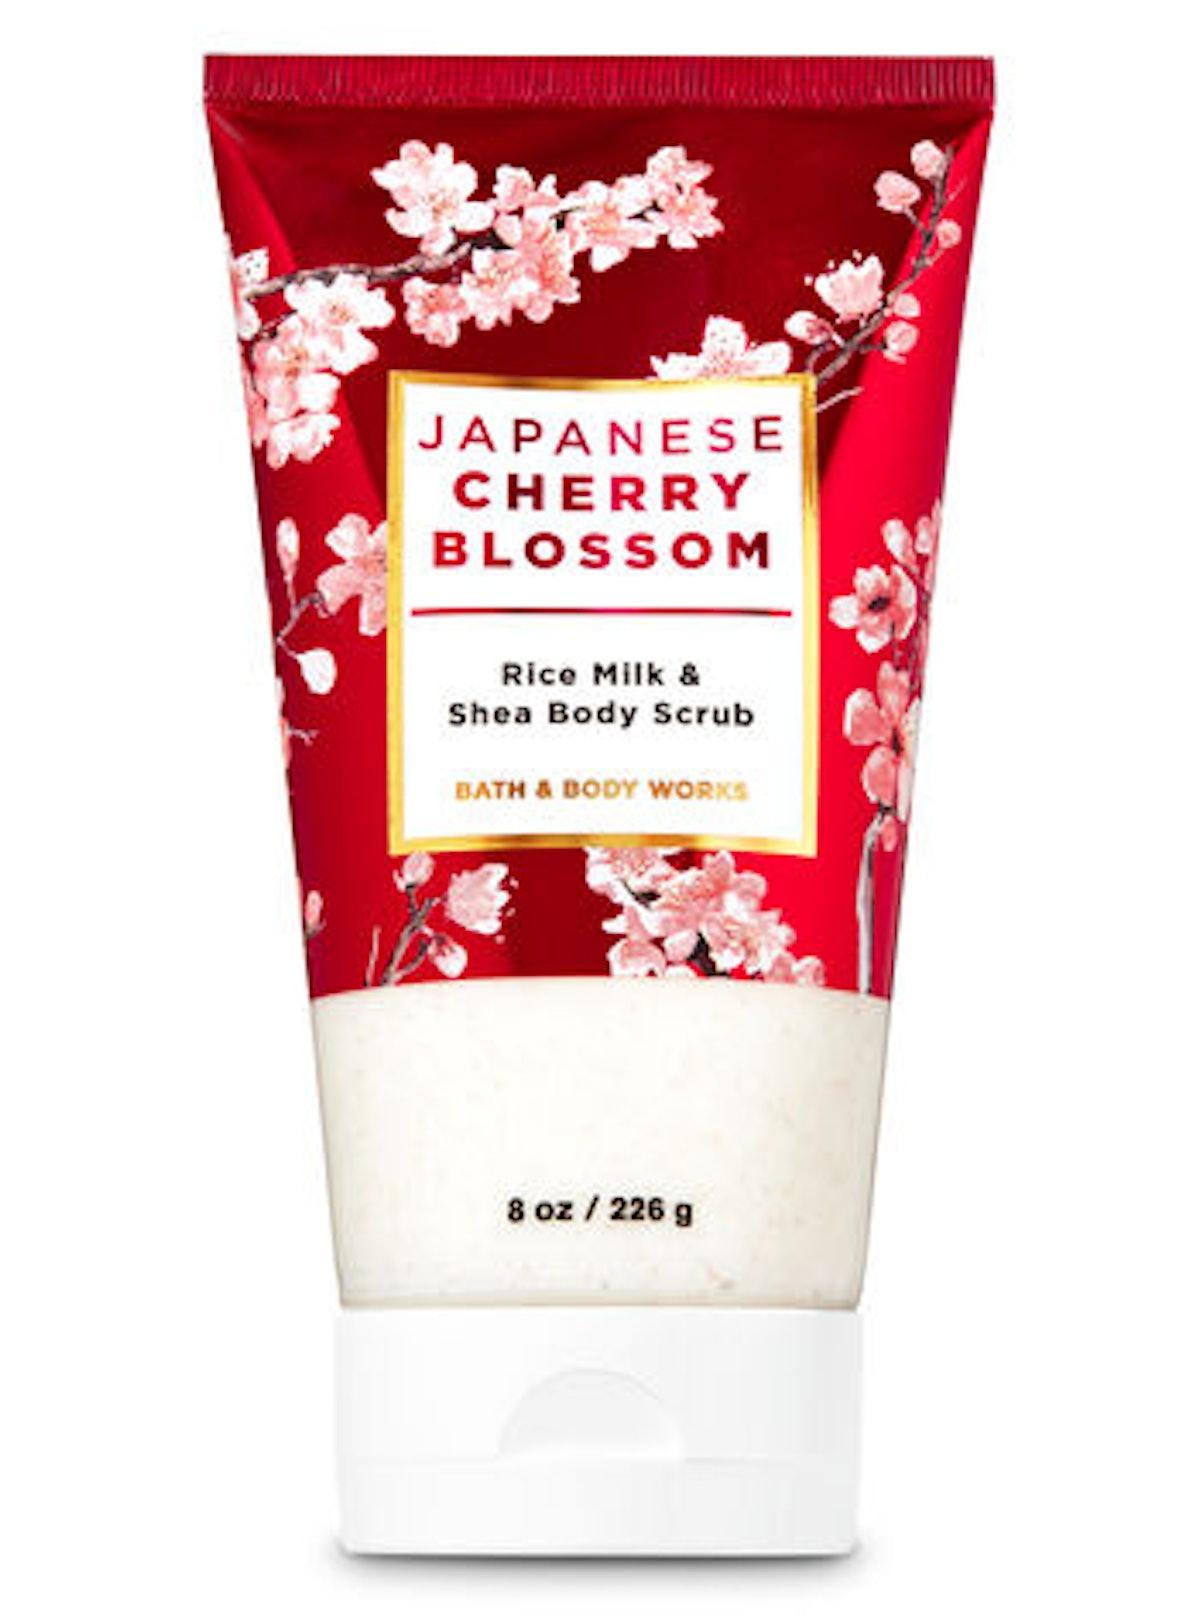 Japanese Cherry Blossom Body Scrub